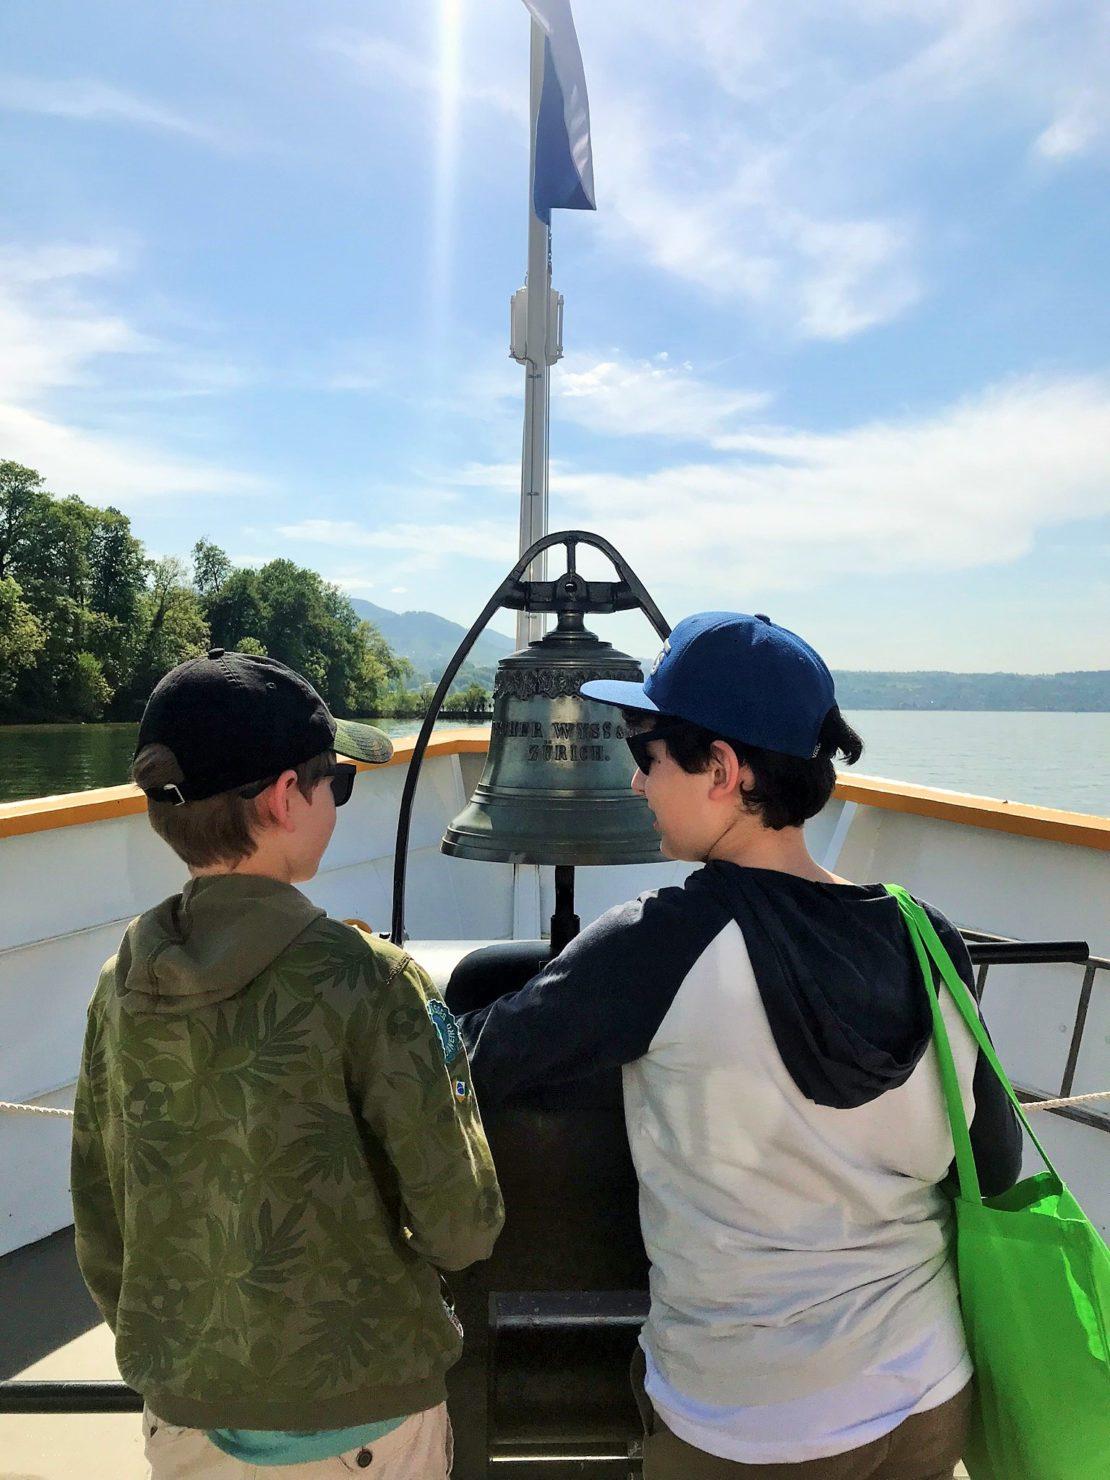 Schifffahrt auf dem Zürichsee: Von Rapperswil über die Insel Ufenau nach Zürich